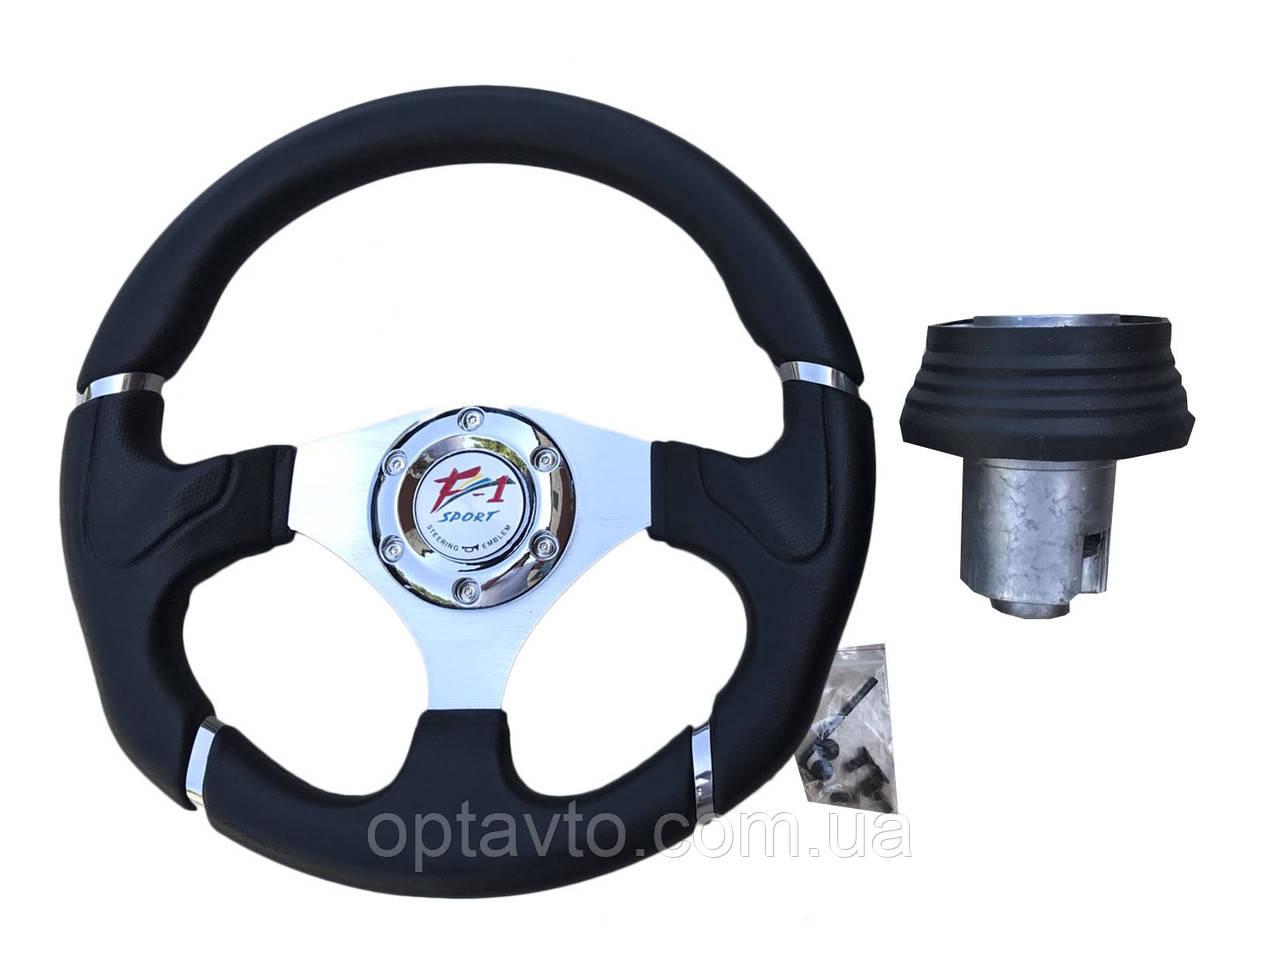 Руль на Ваз 2114 в комплекте с адаптером (переходником под руль) Спорт руль с кнопкой сигнала.